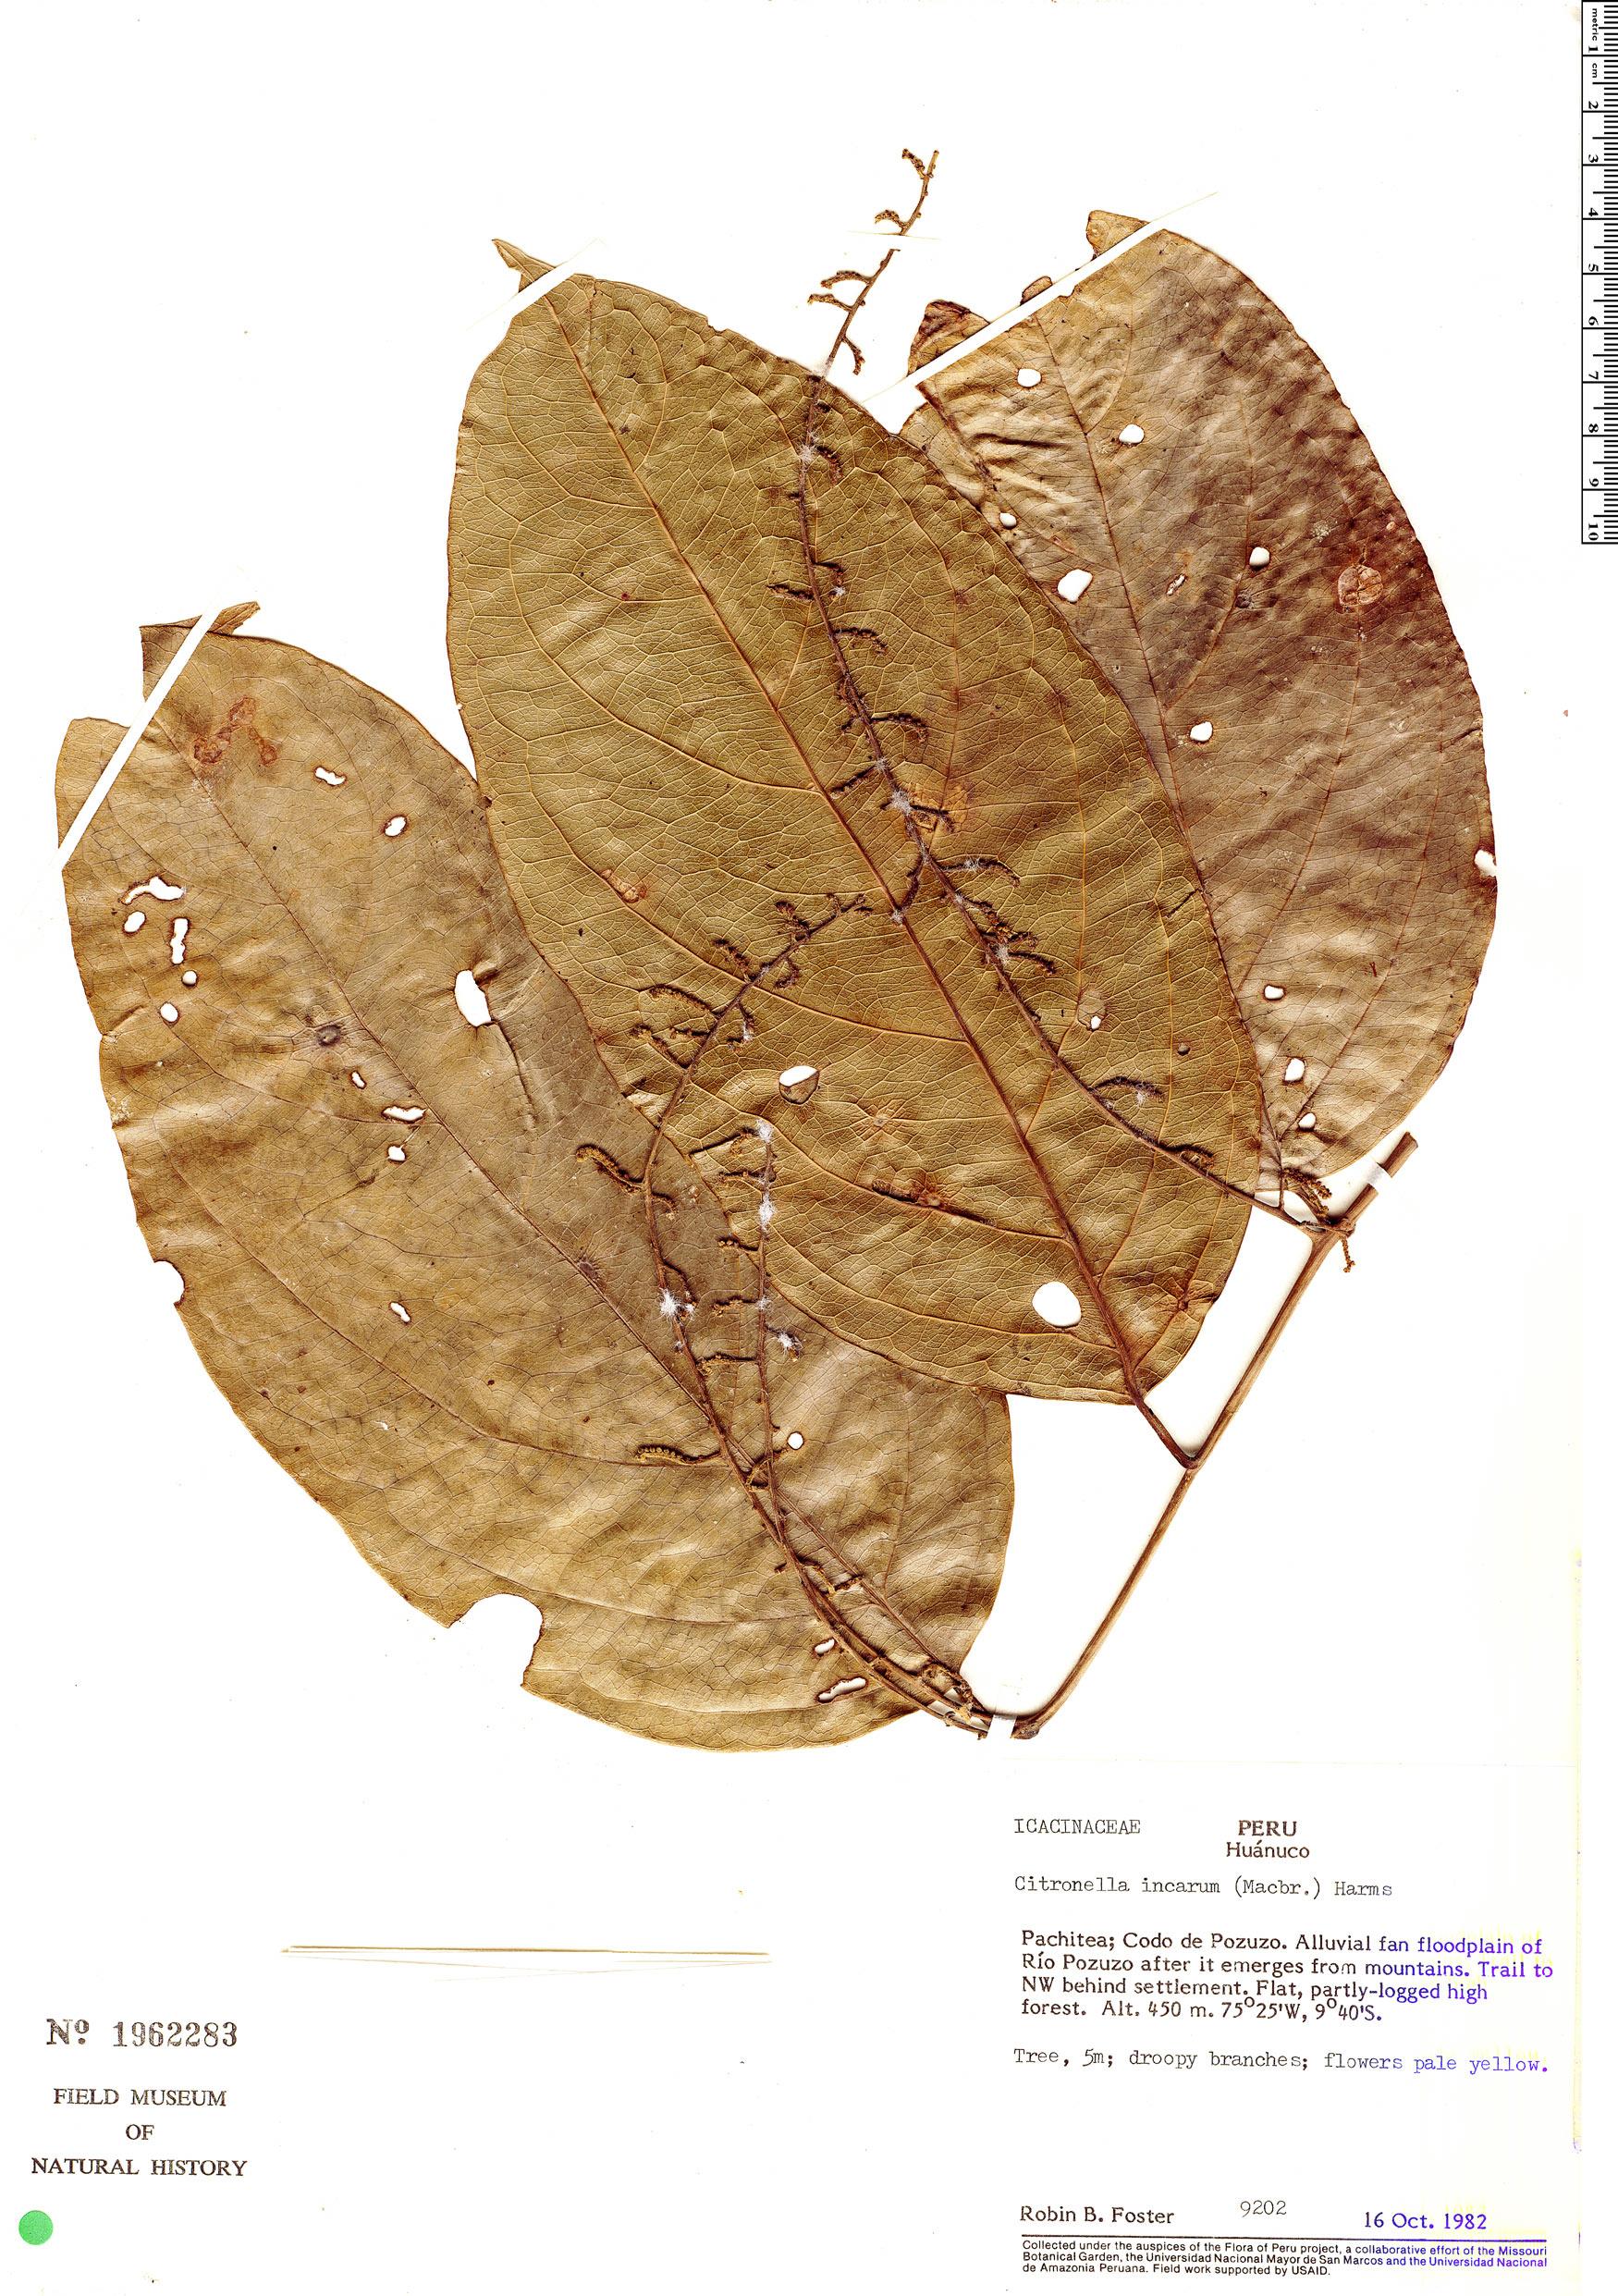 Specimen: Citronella incarum